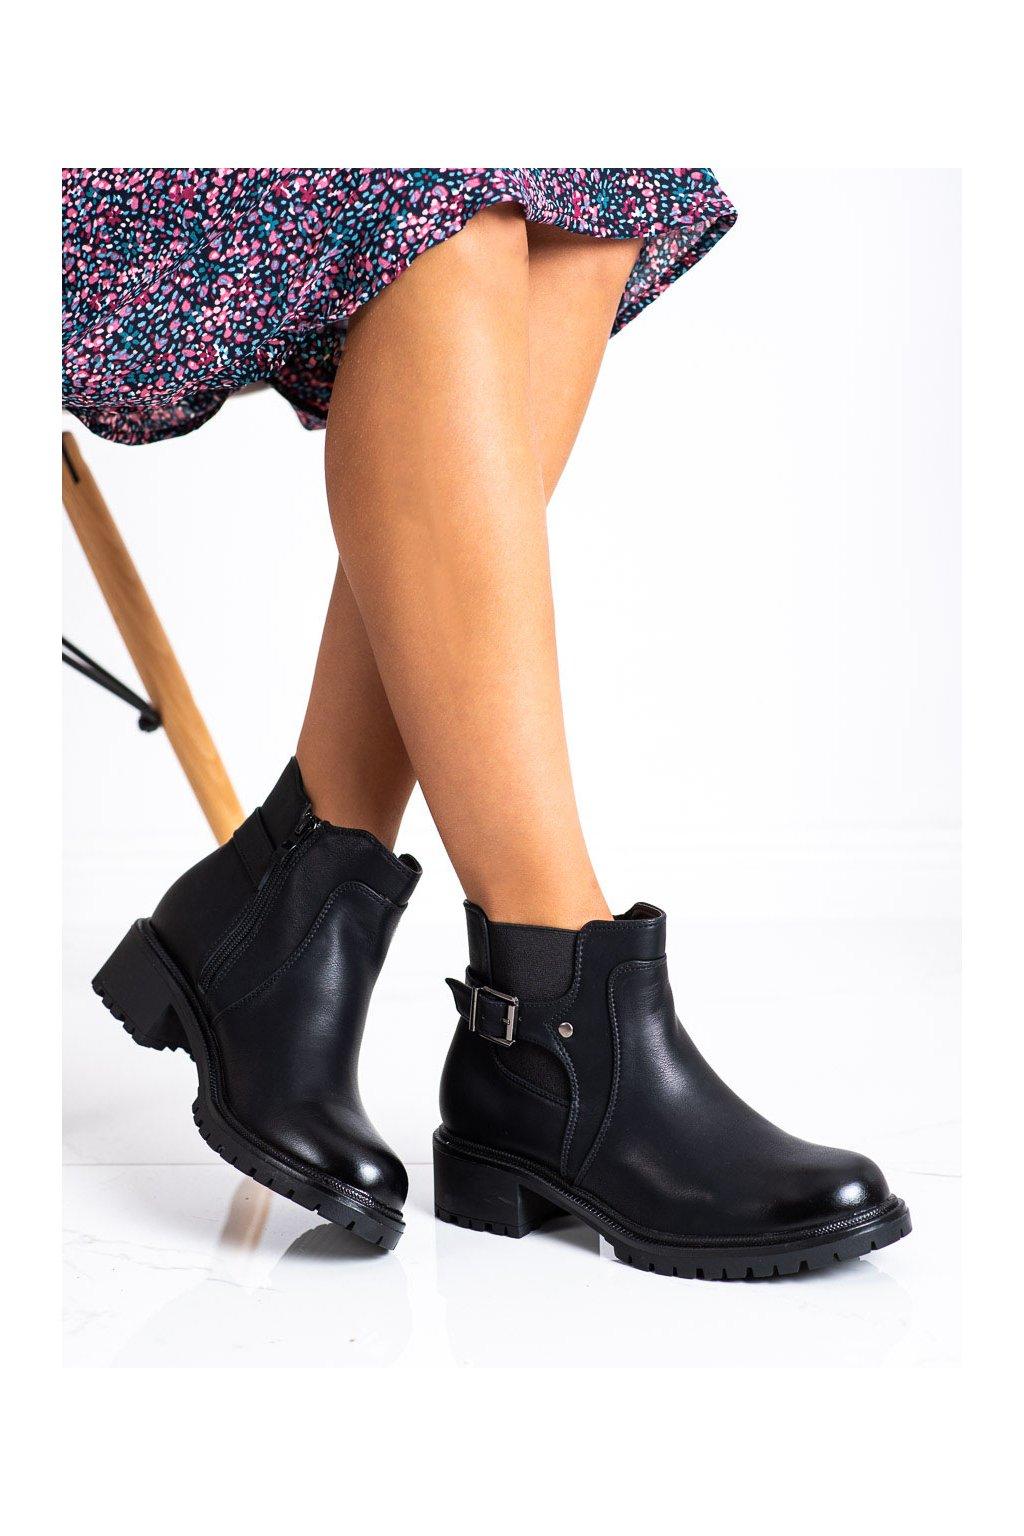 Čierne dámske topánky Renda kod 8998-18B